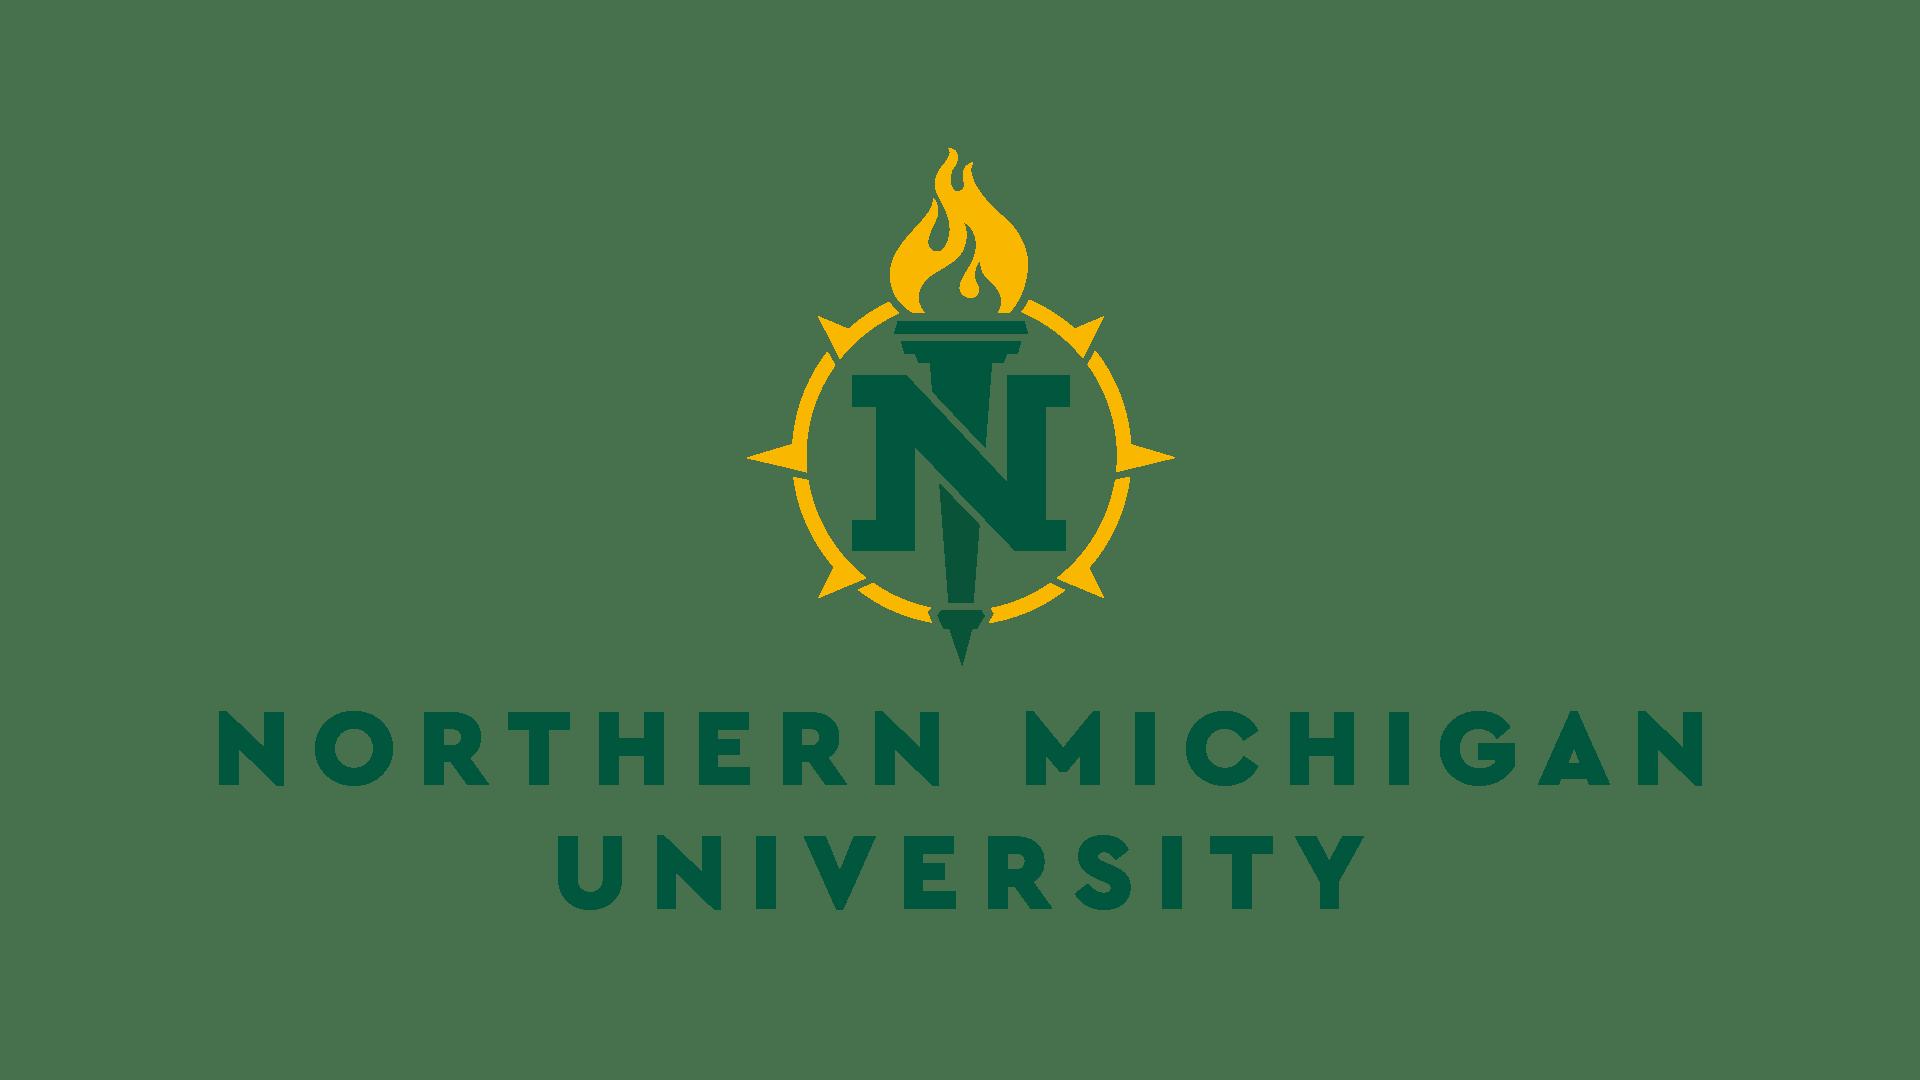 NMU official logo